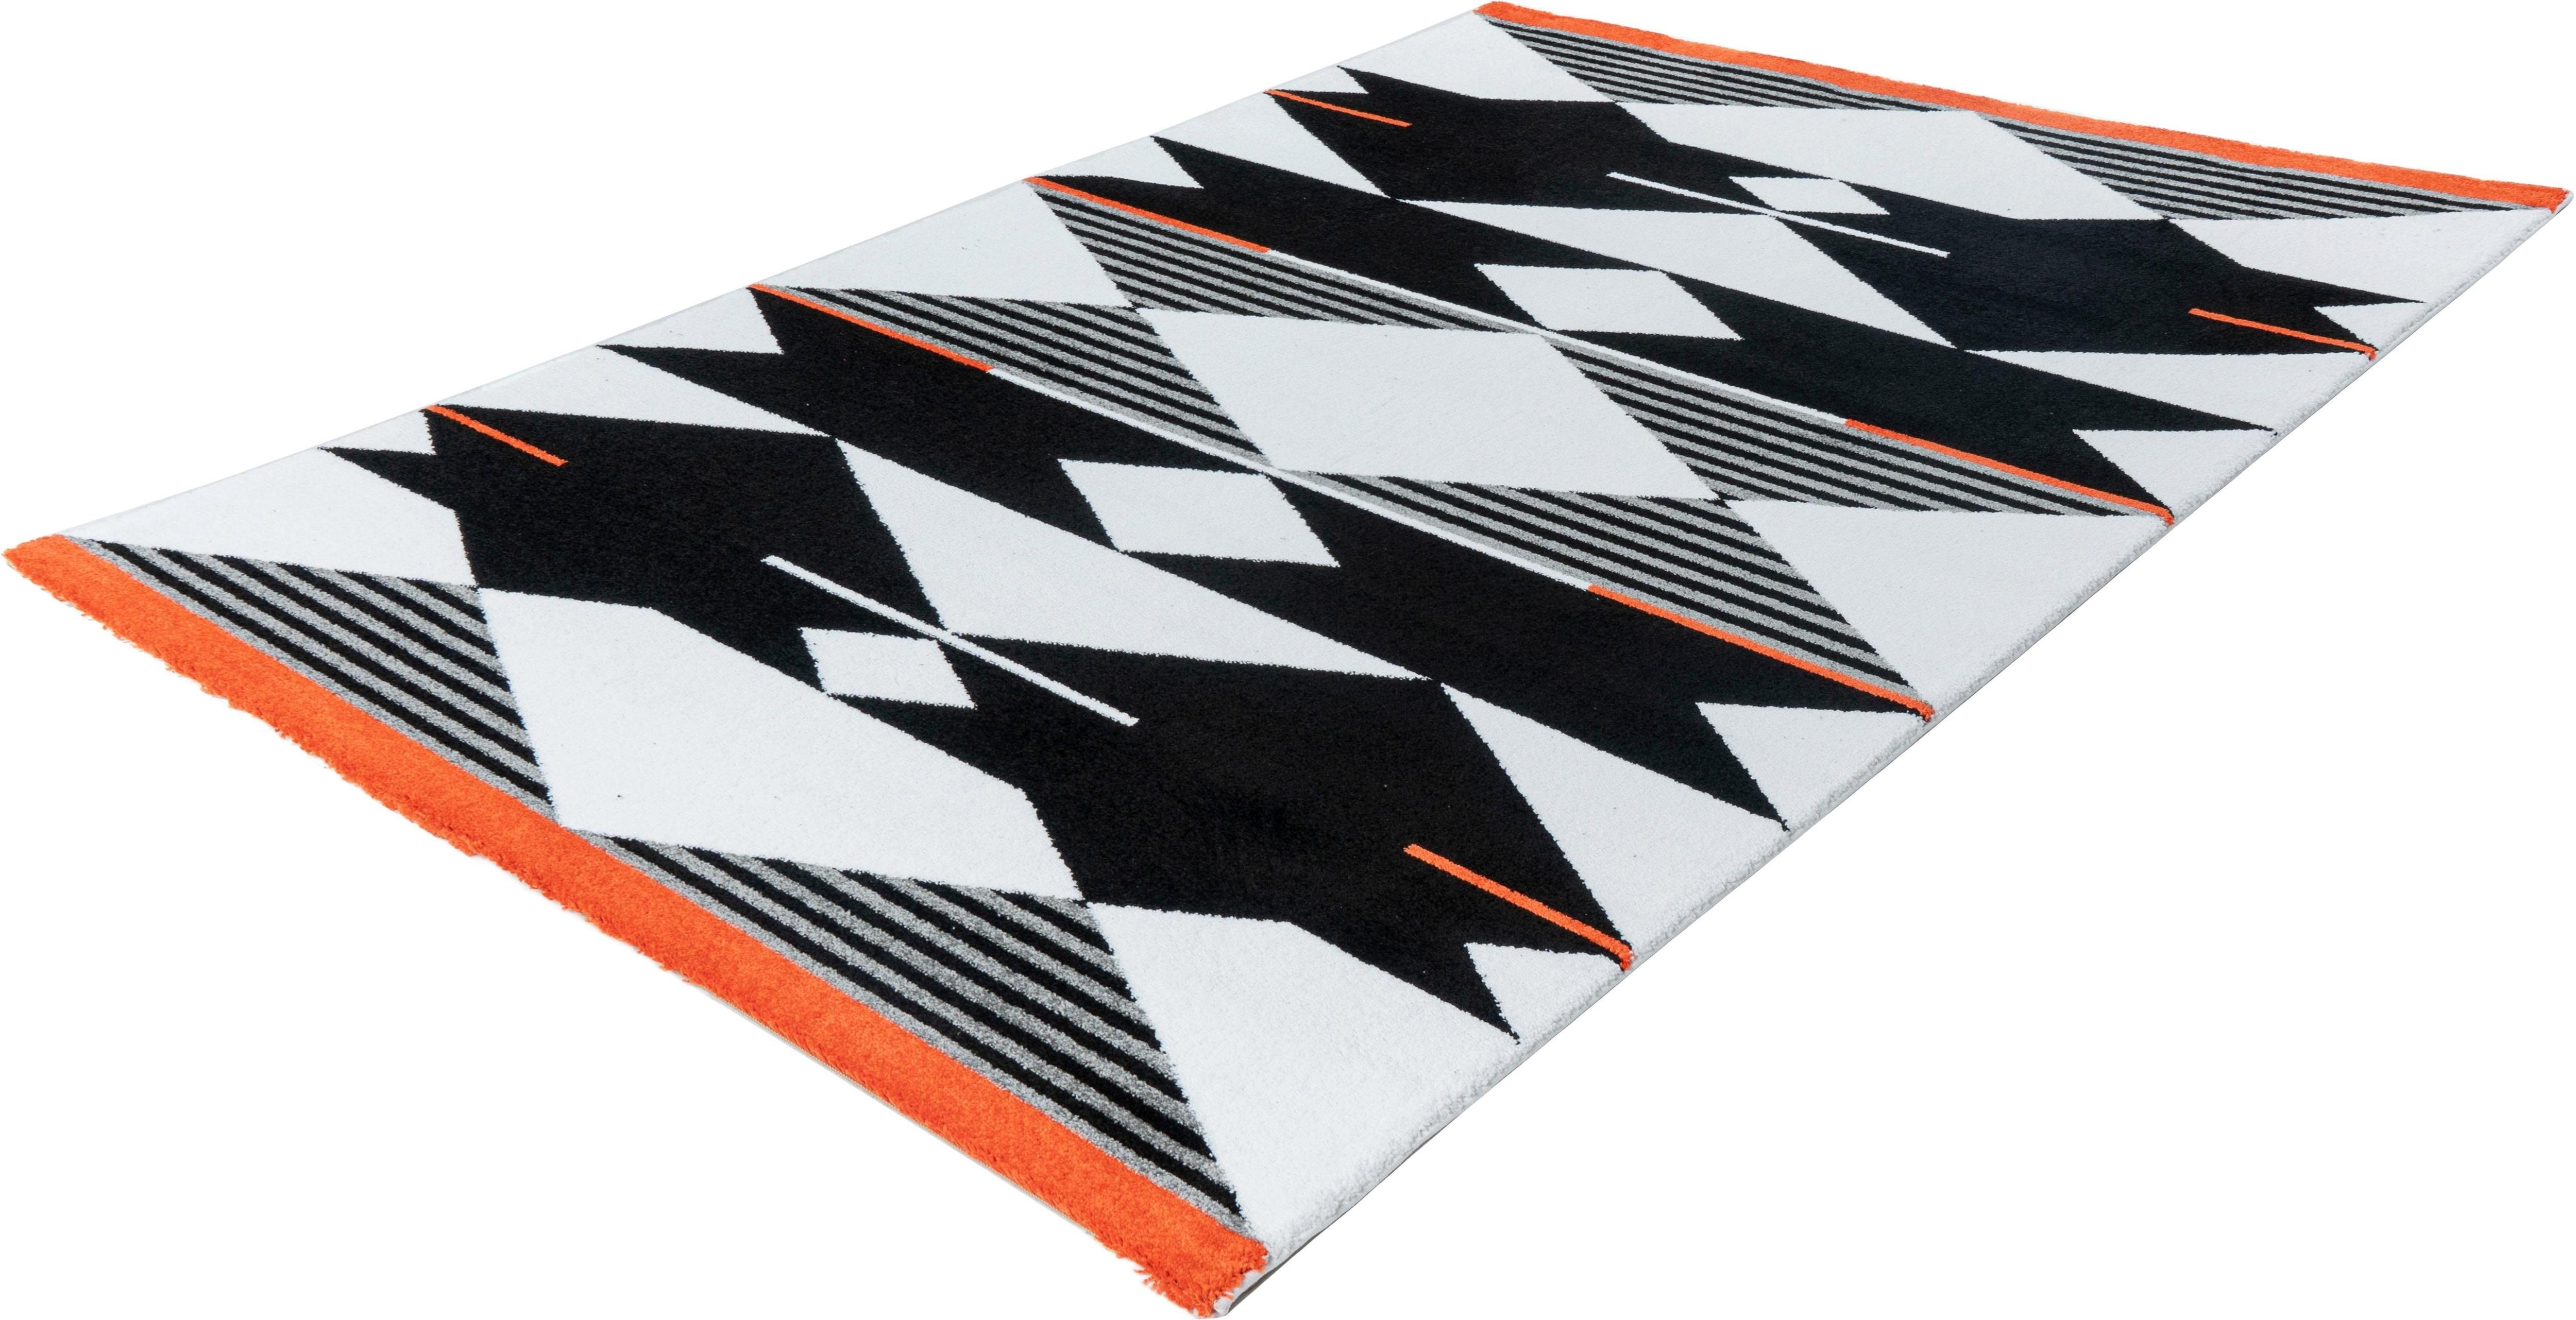 Teppich Polset 550 calo-deluxe rechteckig Höhe 15 mm maschinell gewebt